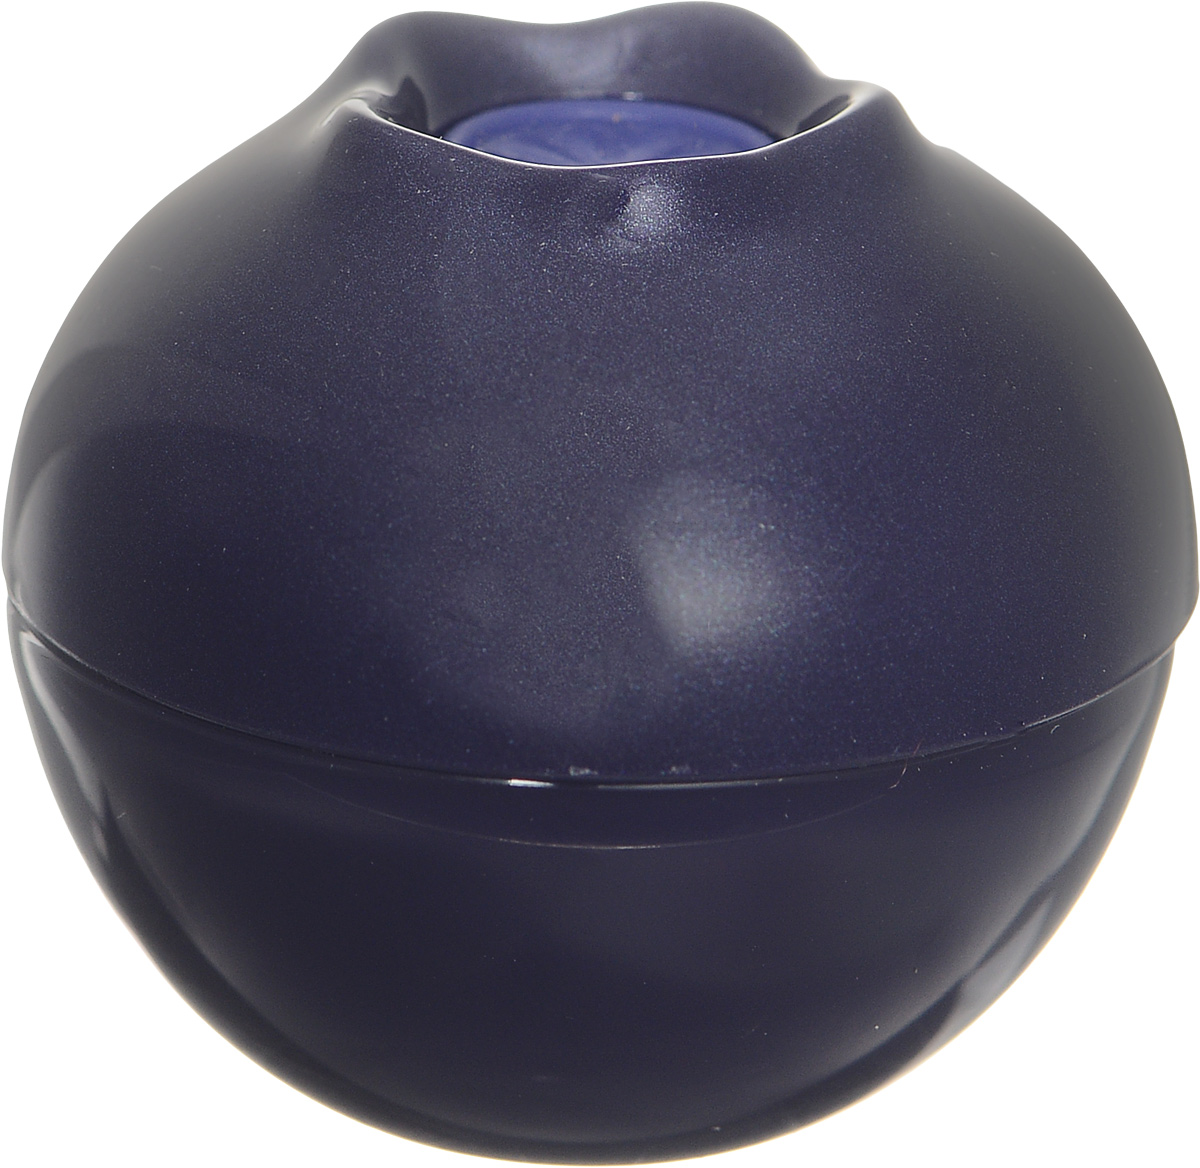 TonyMoly Бальзам для губ Mini Berry LIP Balm 02 BLUEBERRY черника, 7,2 грFS-00897Увлажняющий бальзам для губУвлажняющий бальзам для губ Mini Berry LIP Balm SPF15,PA+ 02 Blueberry содержит натуральные экстракты ягод для увлажнения и питания кожи губ.Ягодный комплекс из черники отлично увлажняет губы и помогает удерживать влагу внутри в течение всего дня, делая губы нежными и мягкими. Этот бальзам будет ухаживать за кожей Ваших губ круглый год, содержит UV фильтр.Солнцезащитный фактор SPF15 Марка Tony Moly чаще всего размещает на упаковке (внизу или наверху на спайке двух сторон упаковки, на дне банки, на тубе сбоку) дату изготовления в формате: год/месяц/дата.